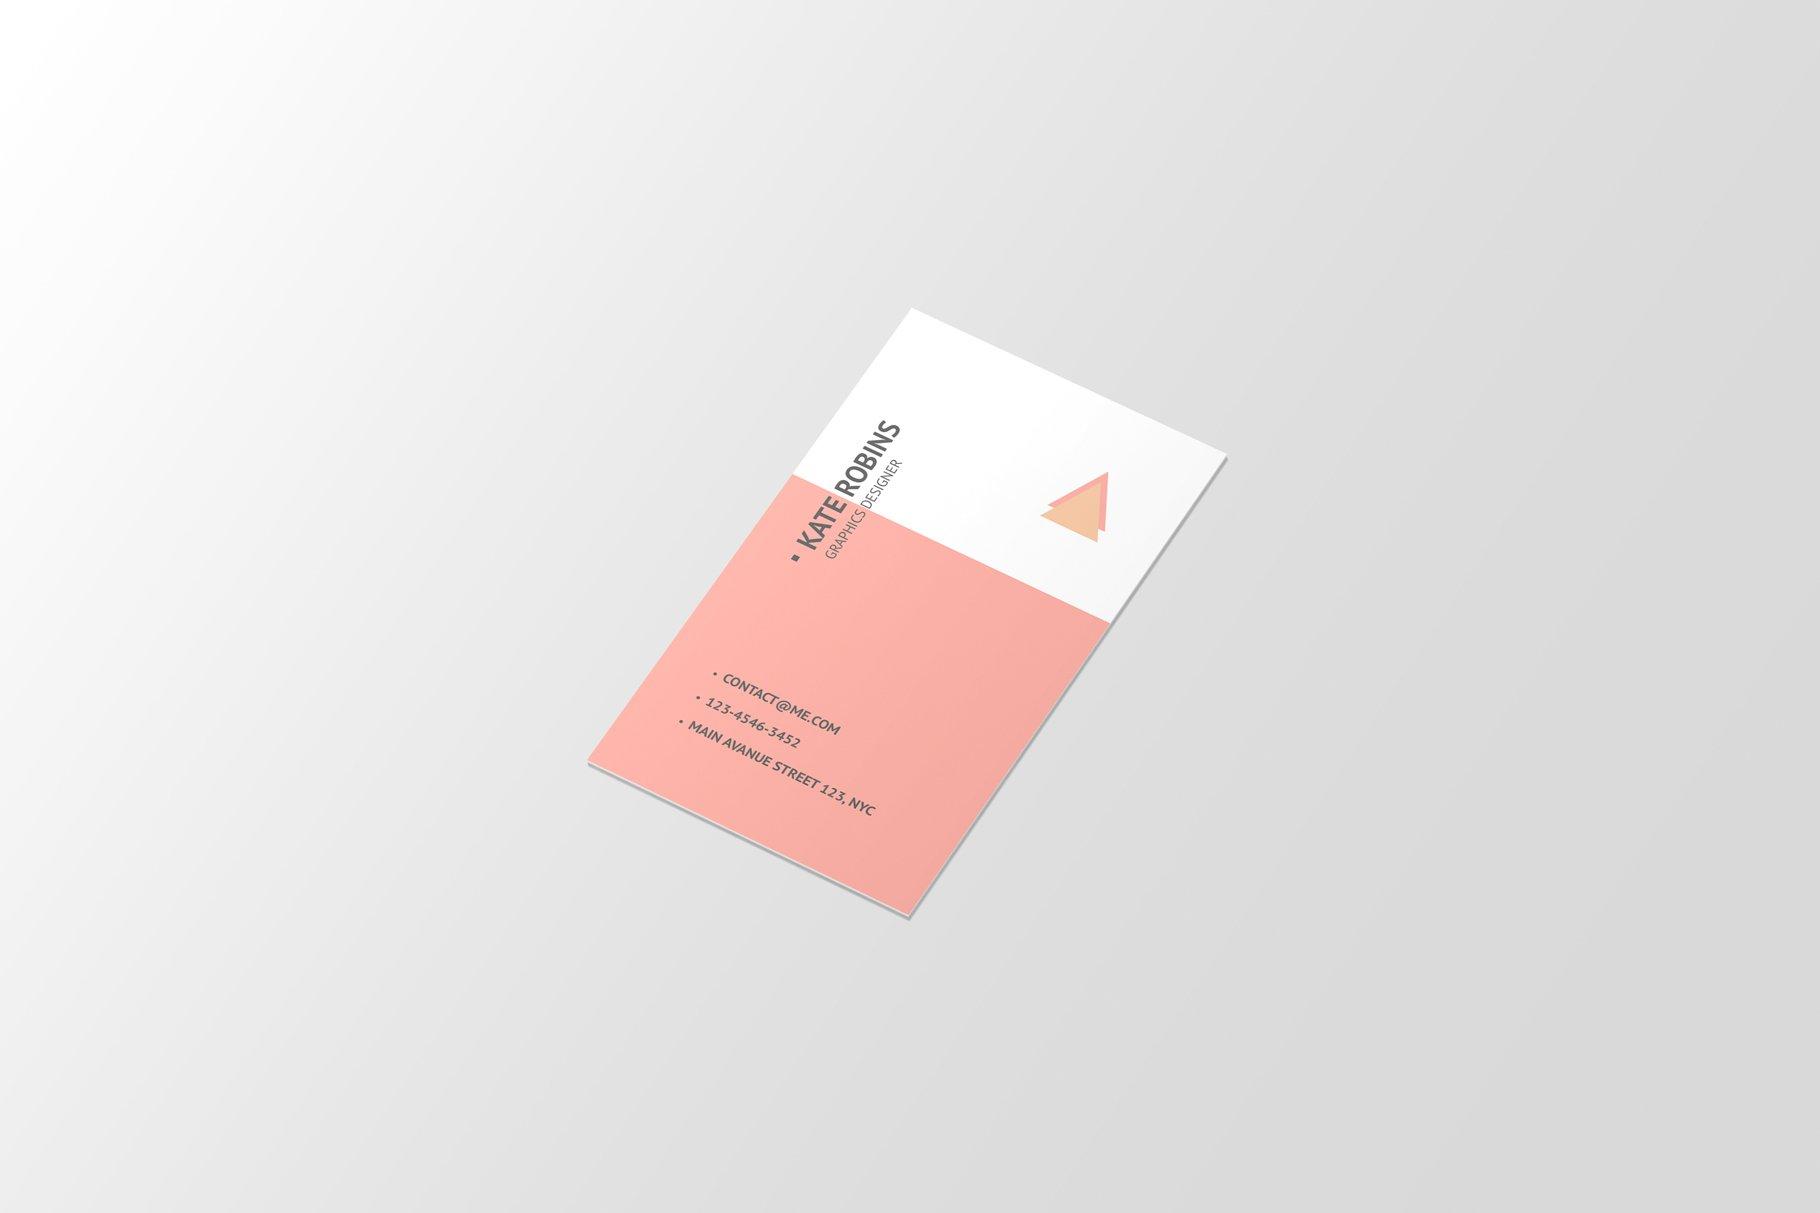 14款商务个人名片卡片设计展示样机 Portrait Business Card Mockup插图(5)